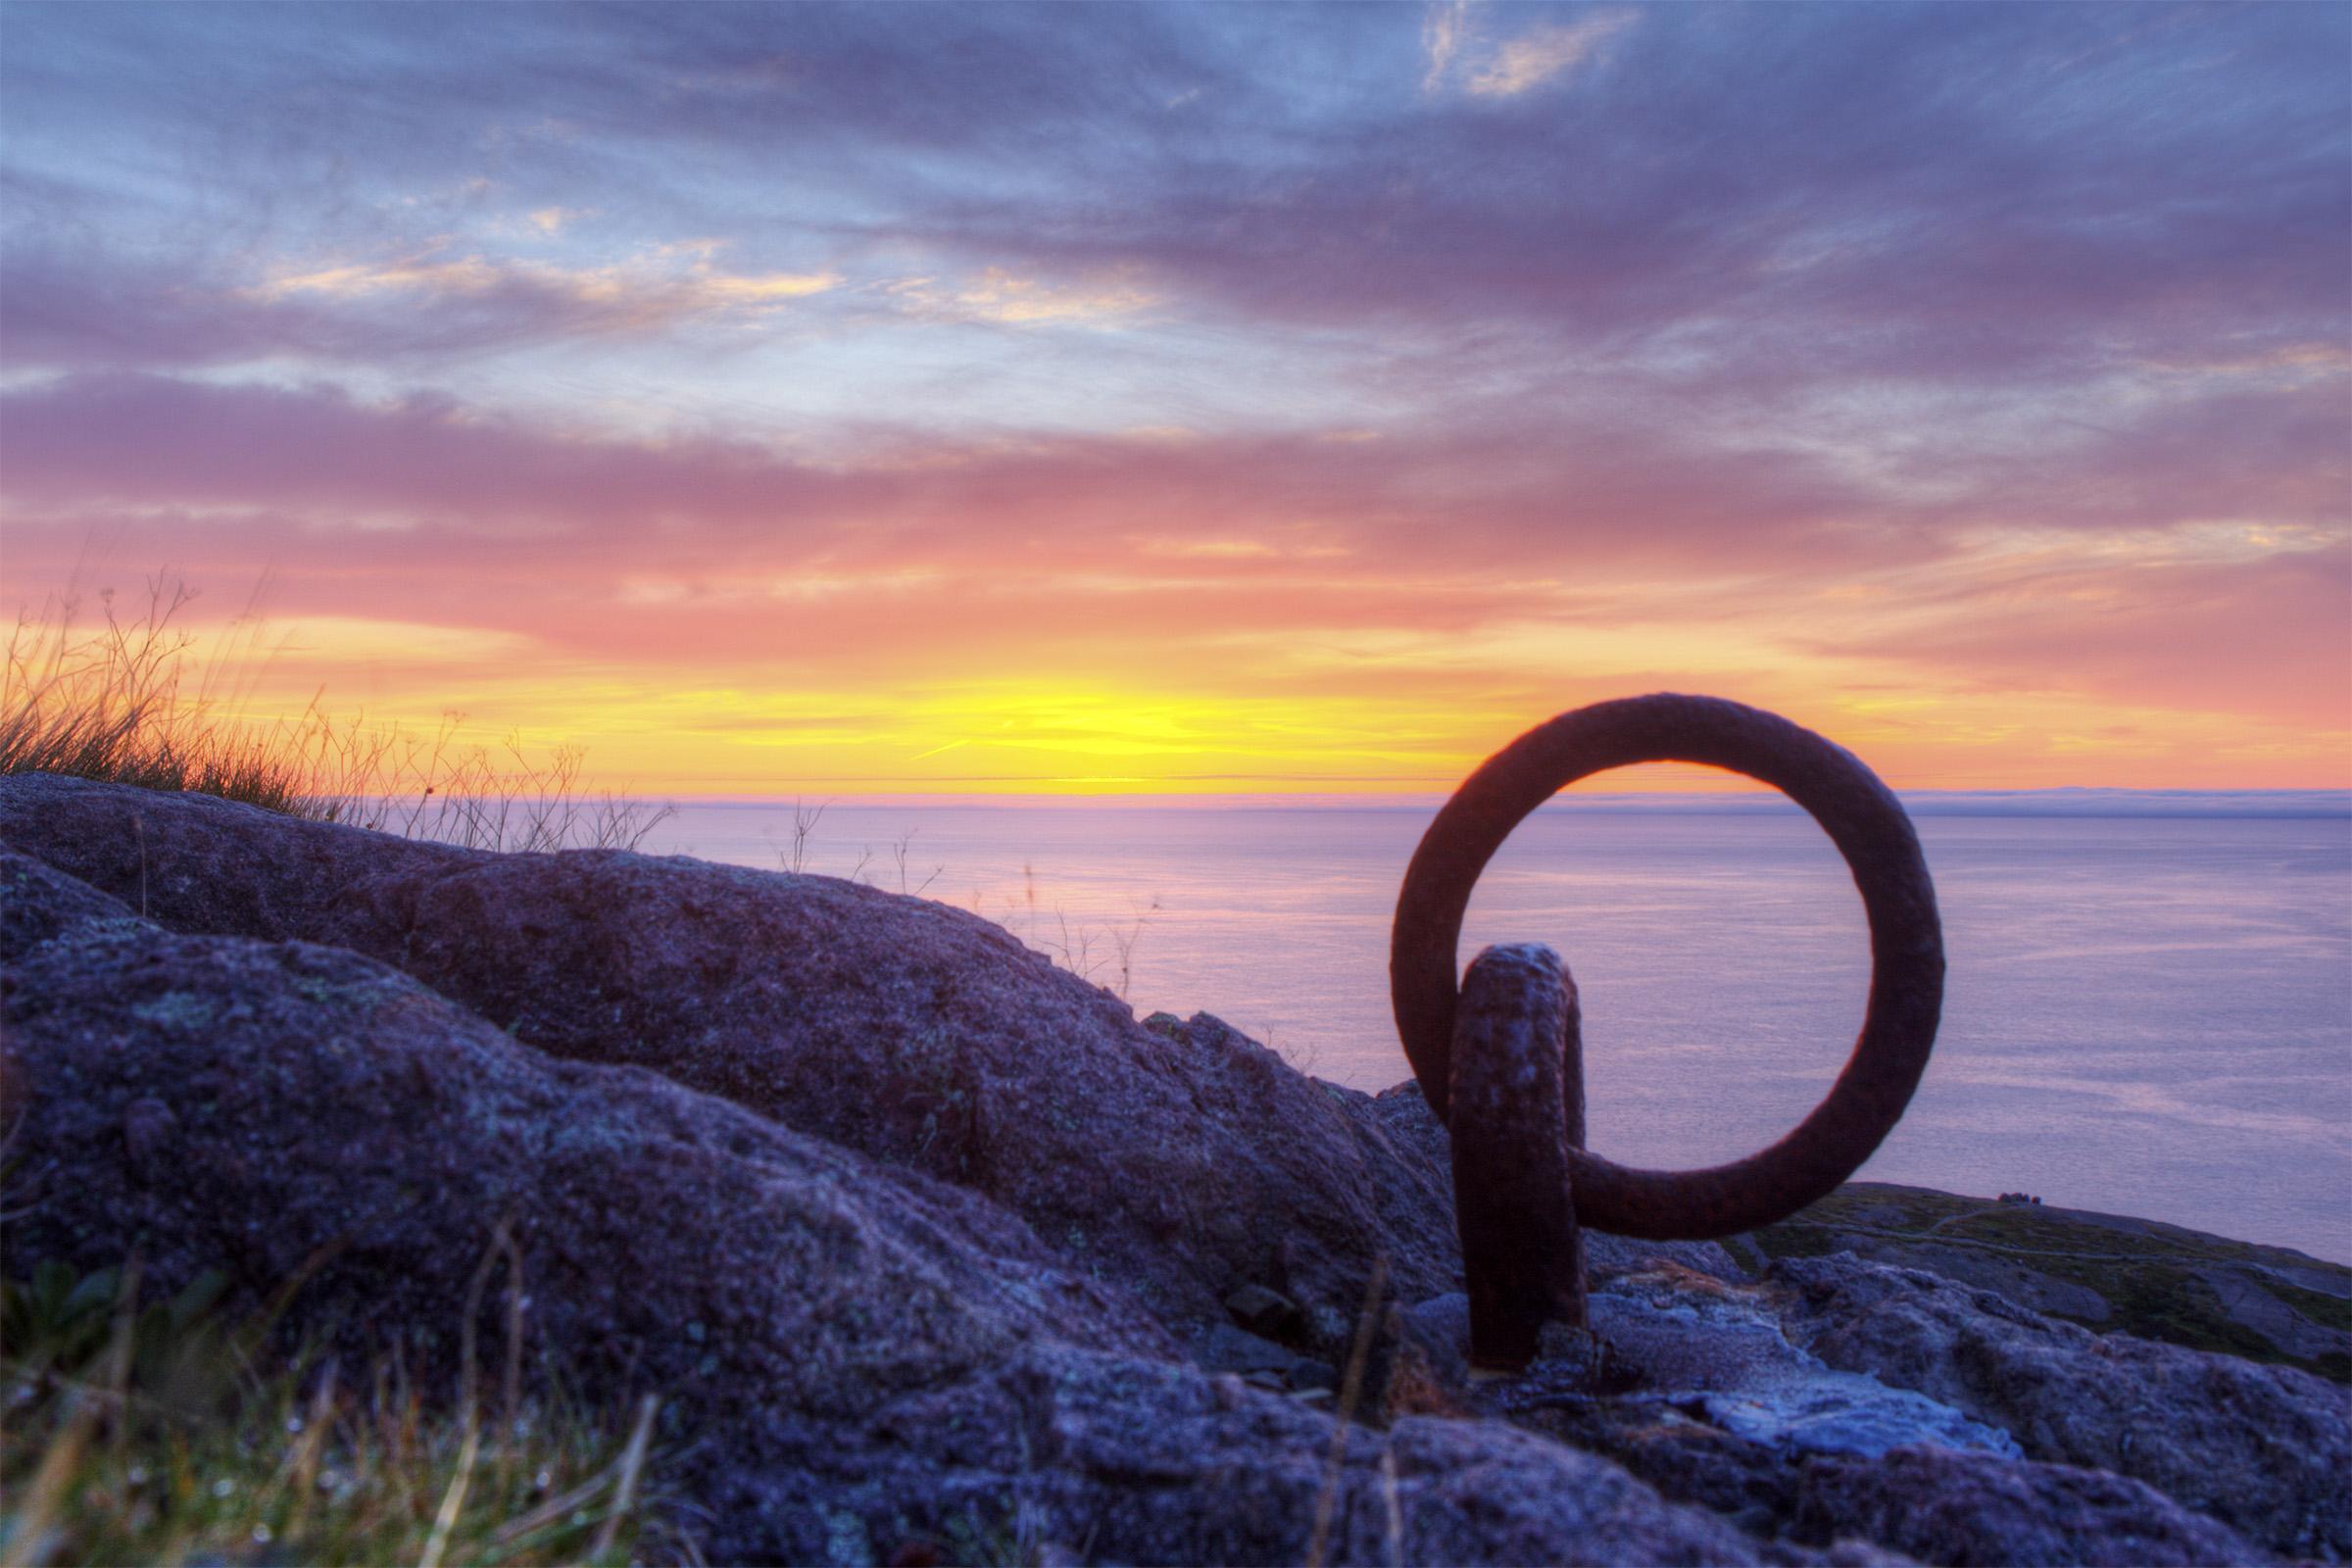 Sunrise in the atlantic photo